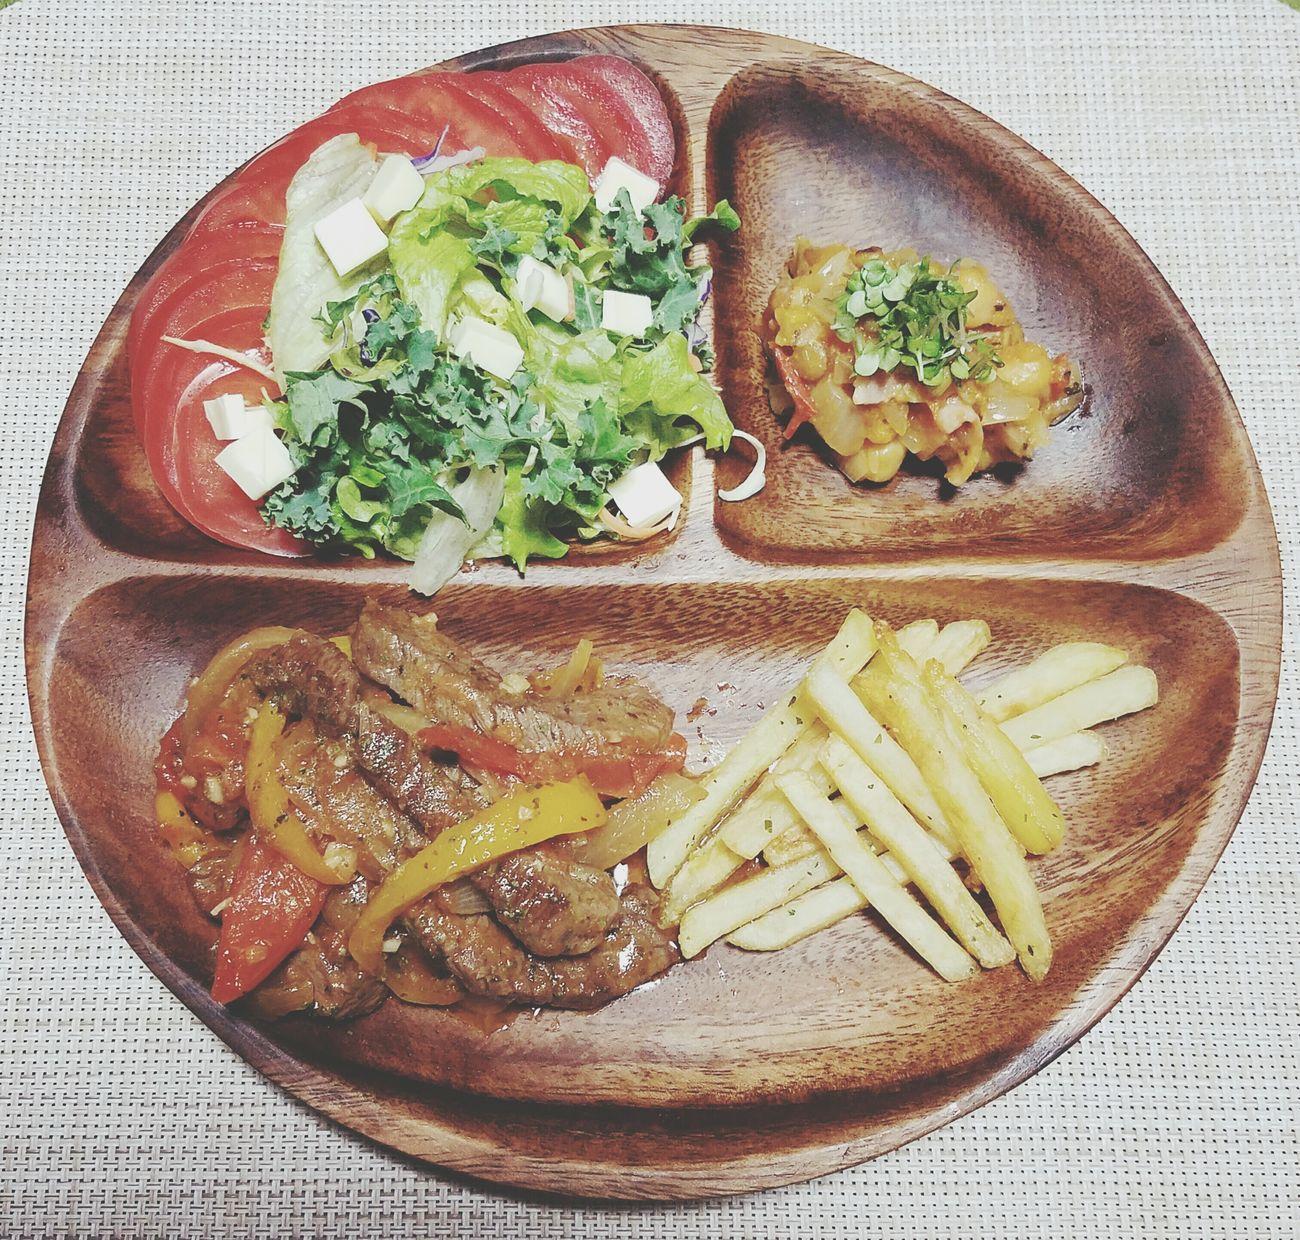 痩せなきゃ👏痩せなきゃ👏       でも食べたい😂          Food Meat Lomo Saltado Frijol Frijole Plate